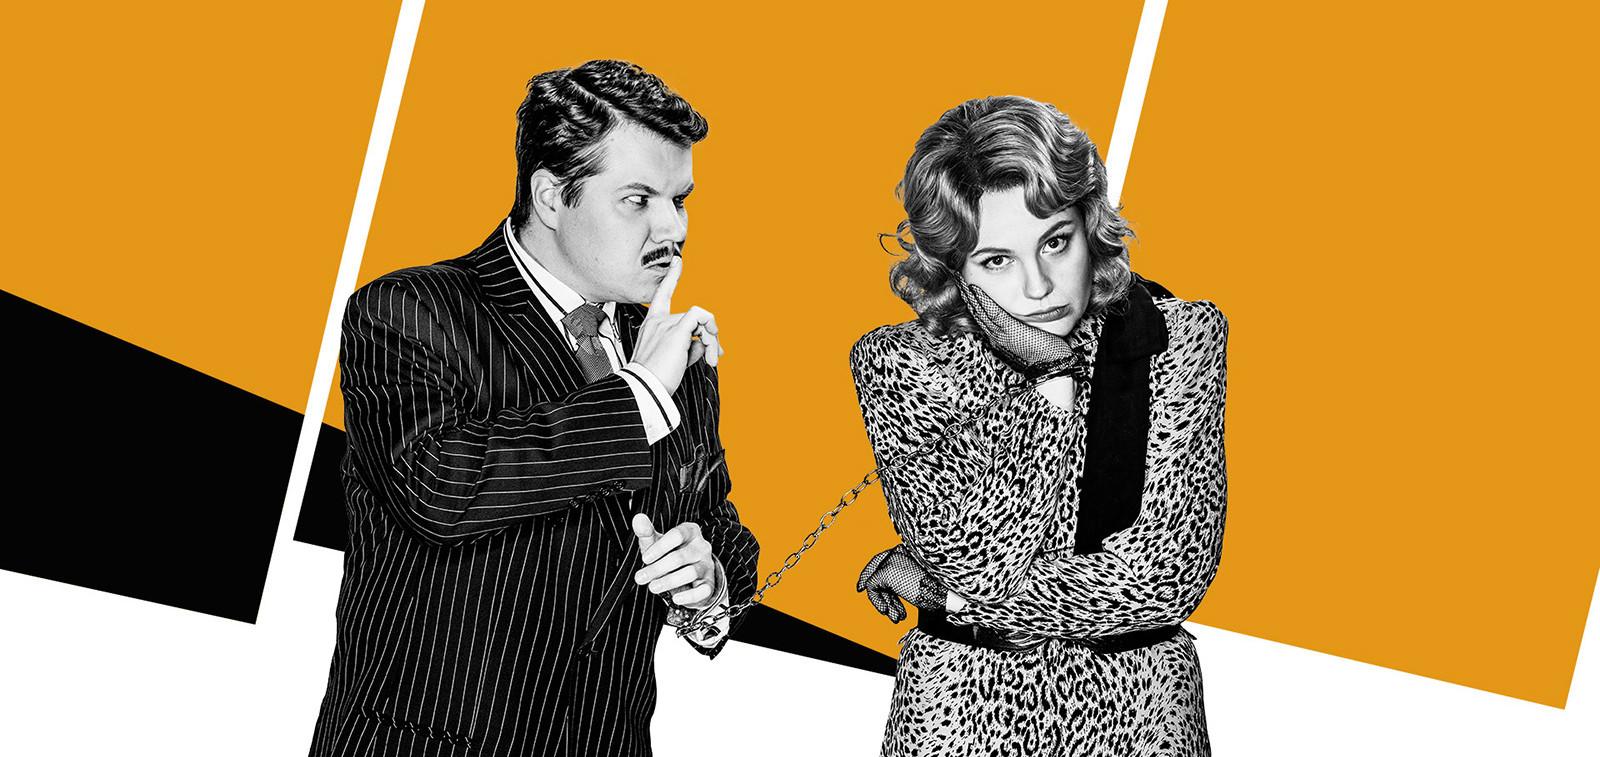 Mainoskuvassa mies ja naisnäyttelijä käsiraudoilla toisiinsa kahlittuna